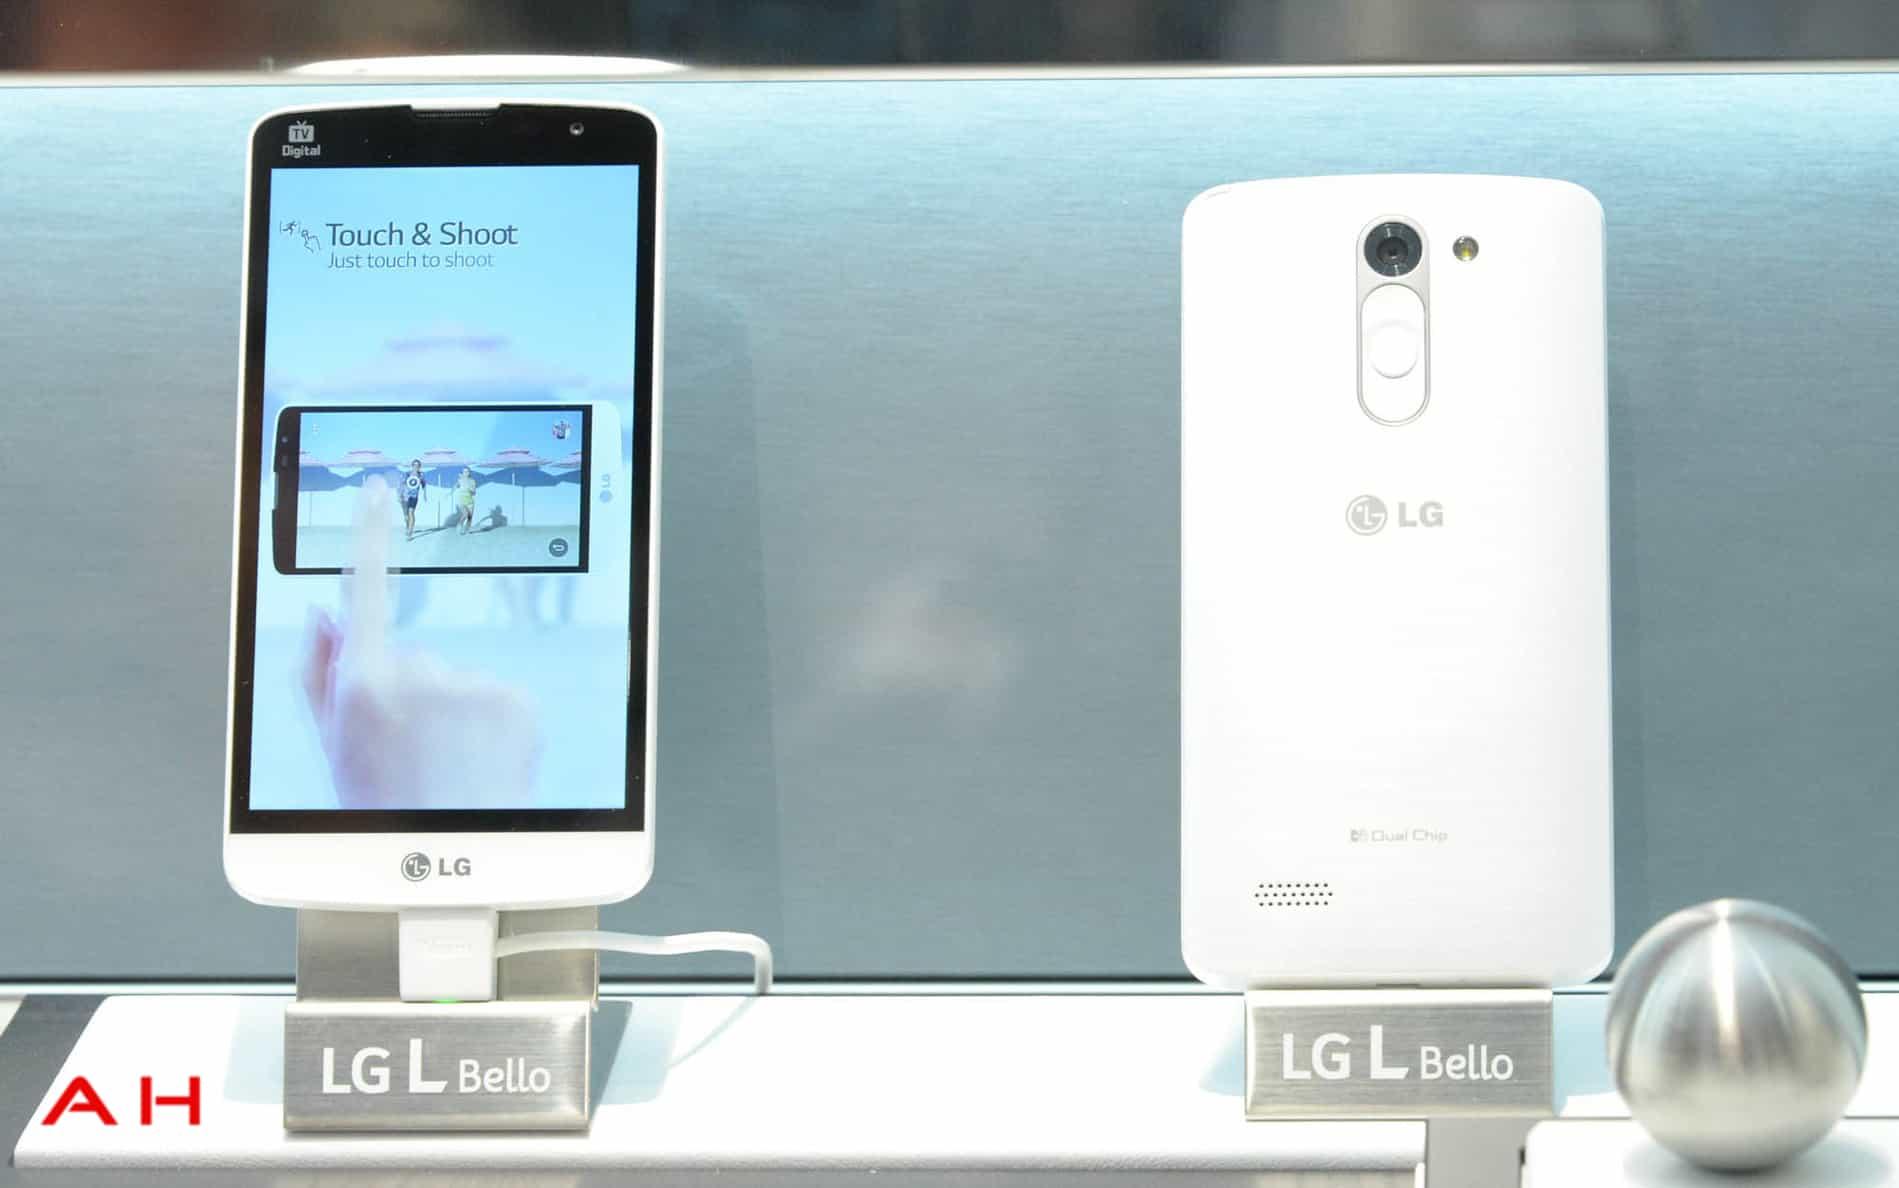 LG L Bello 1